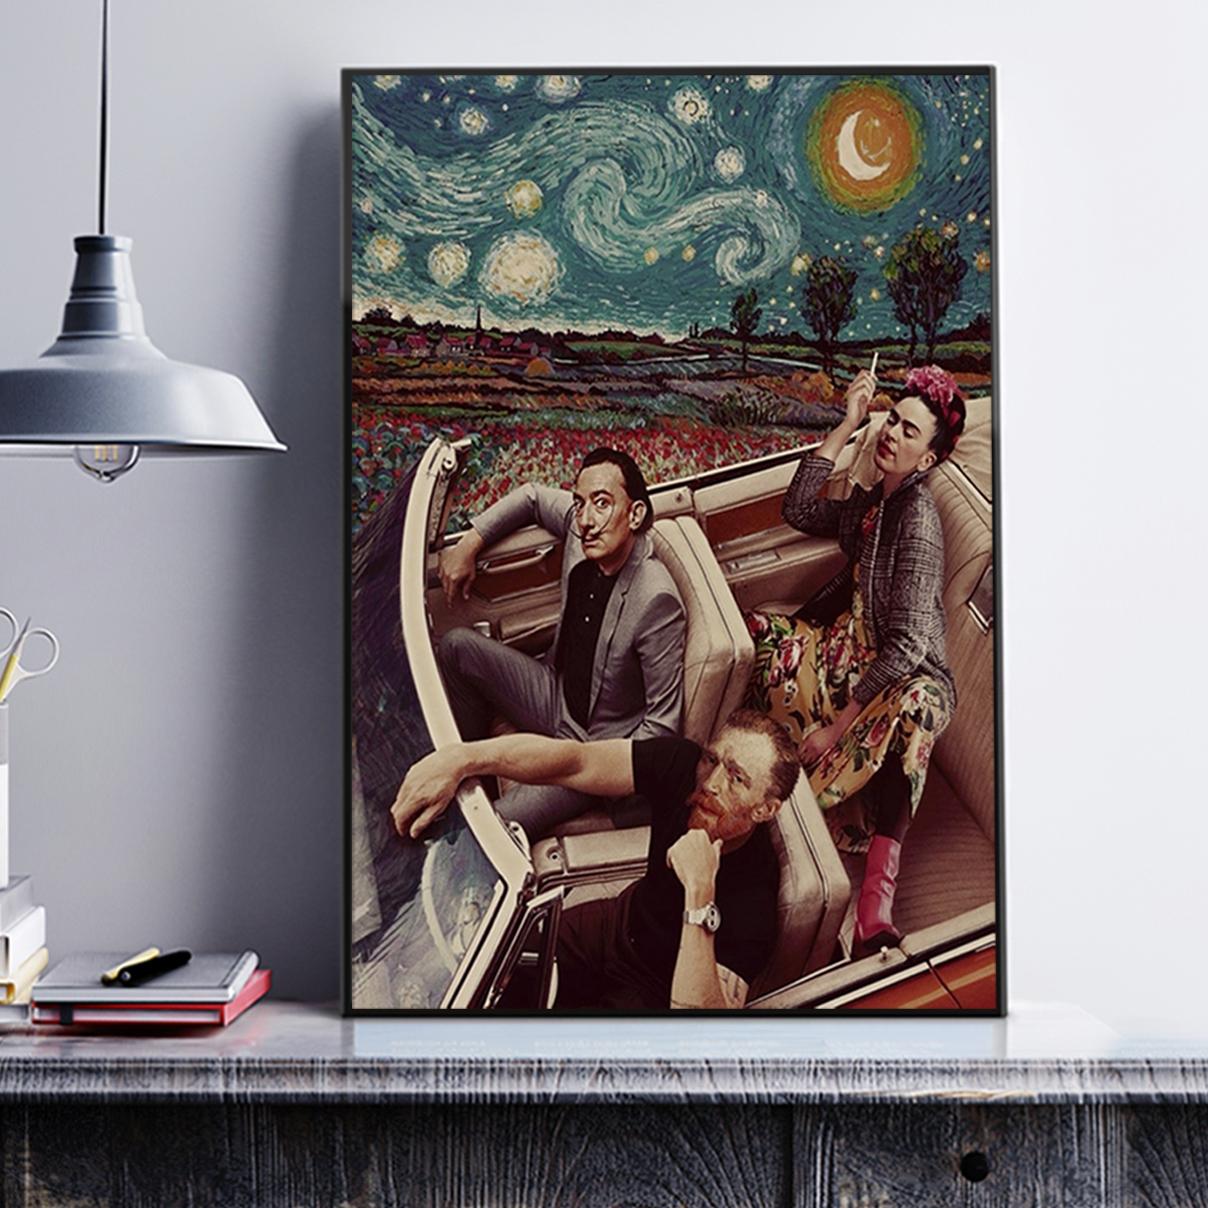 Frida kahlo salvador dali van gogh driving poster A2